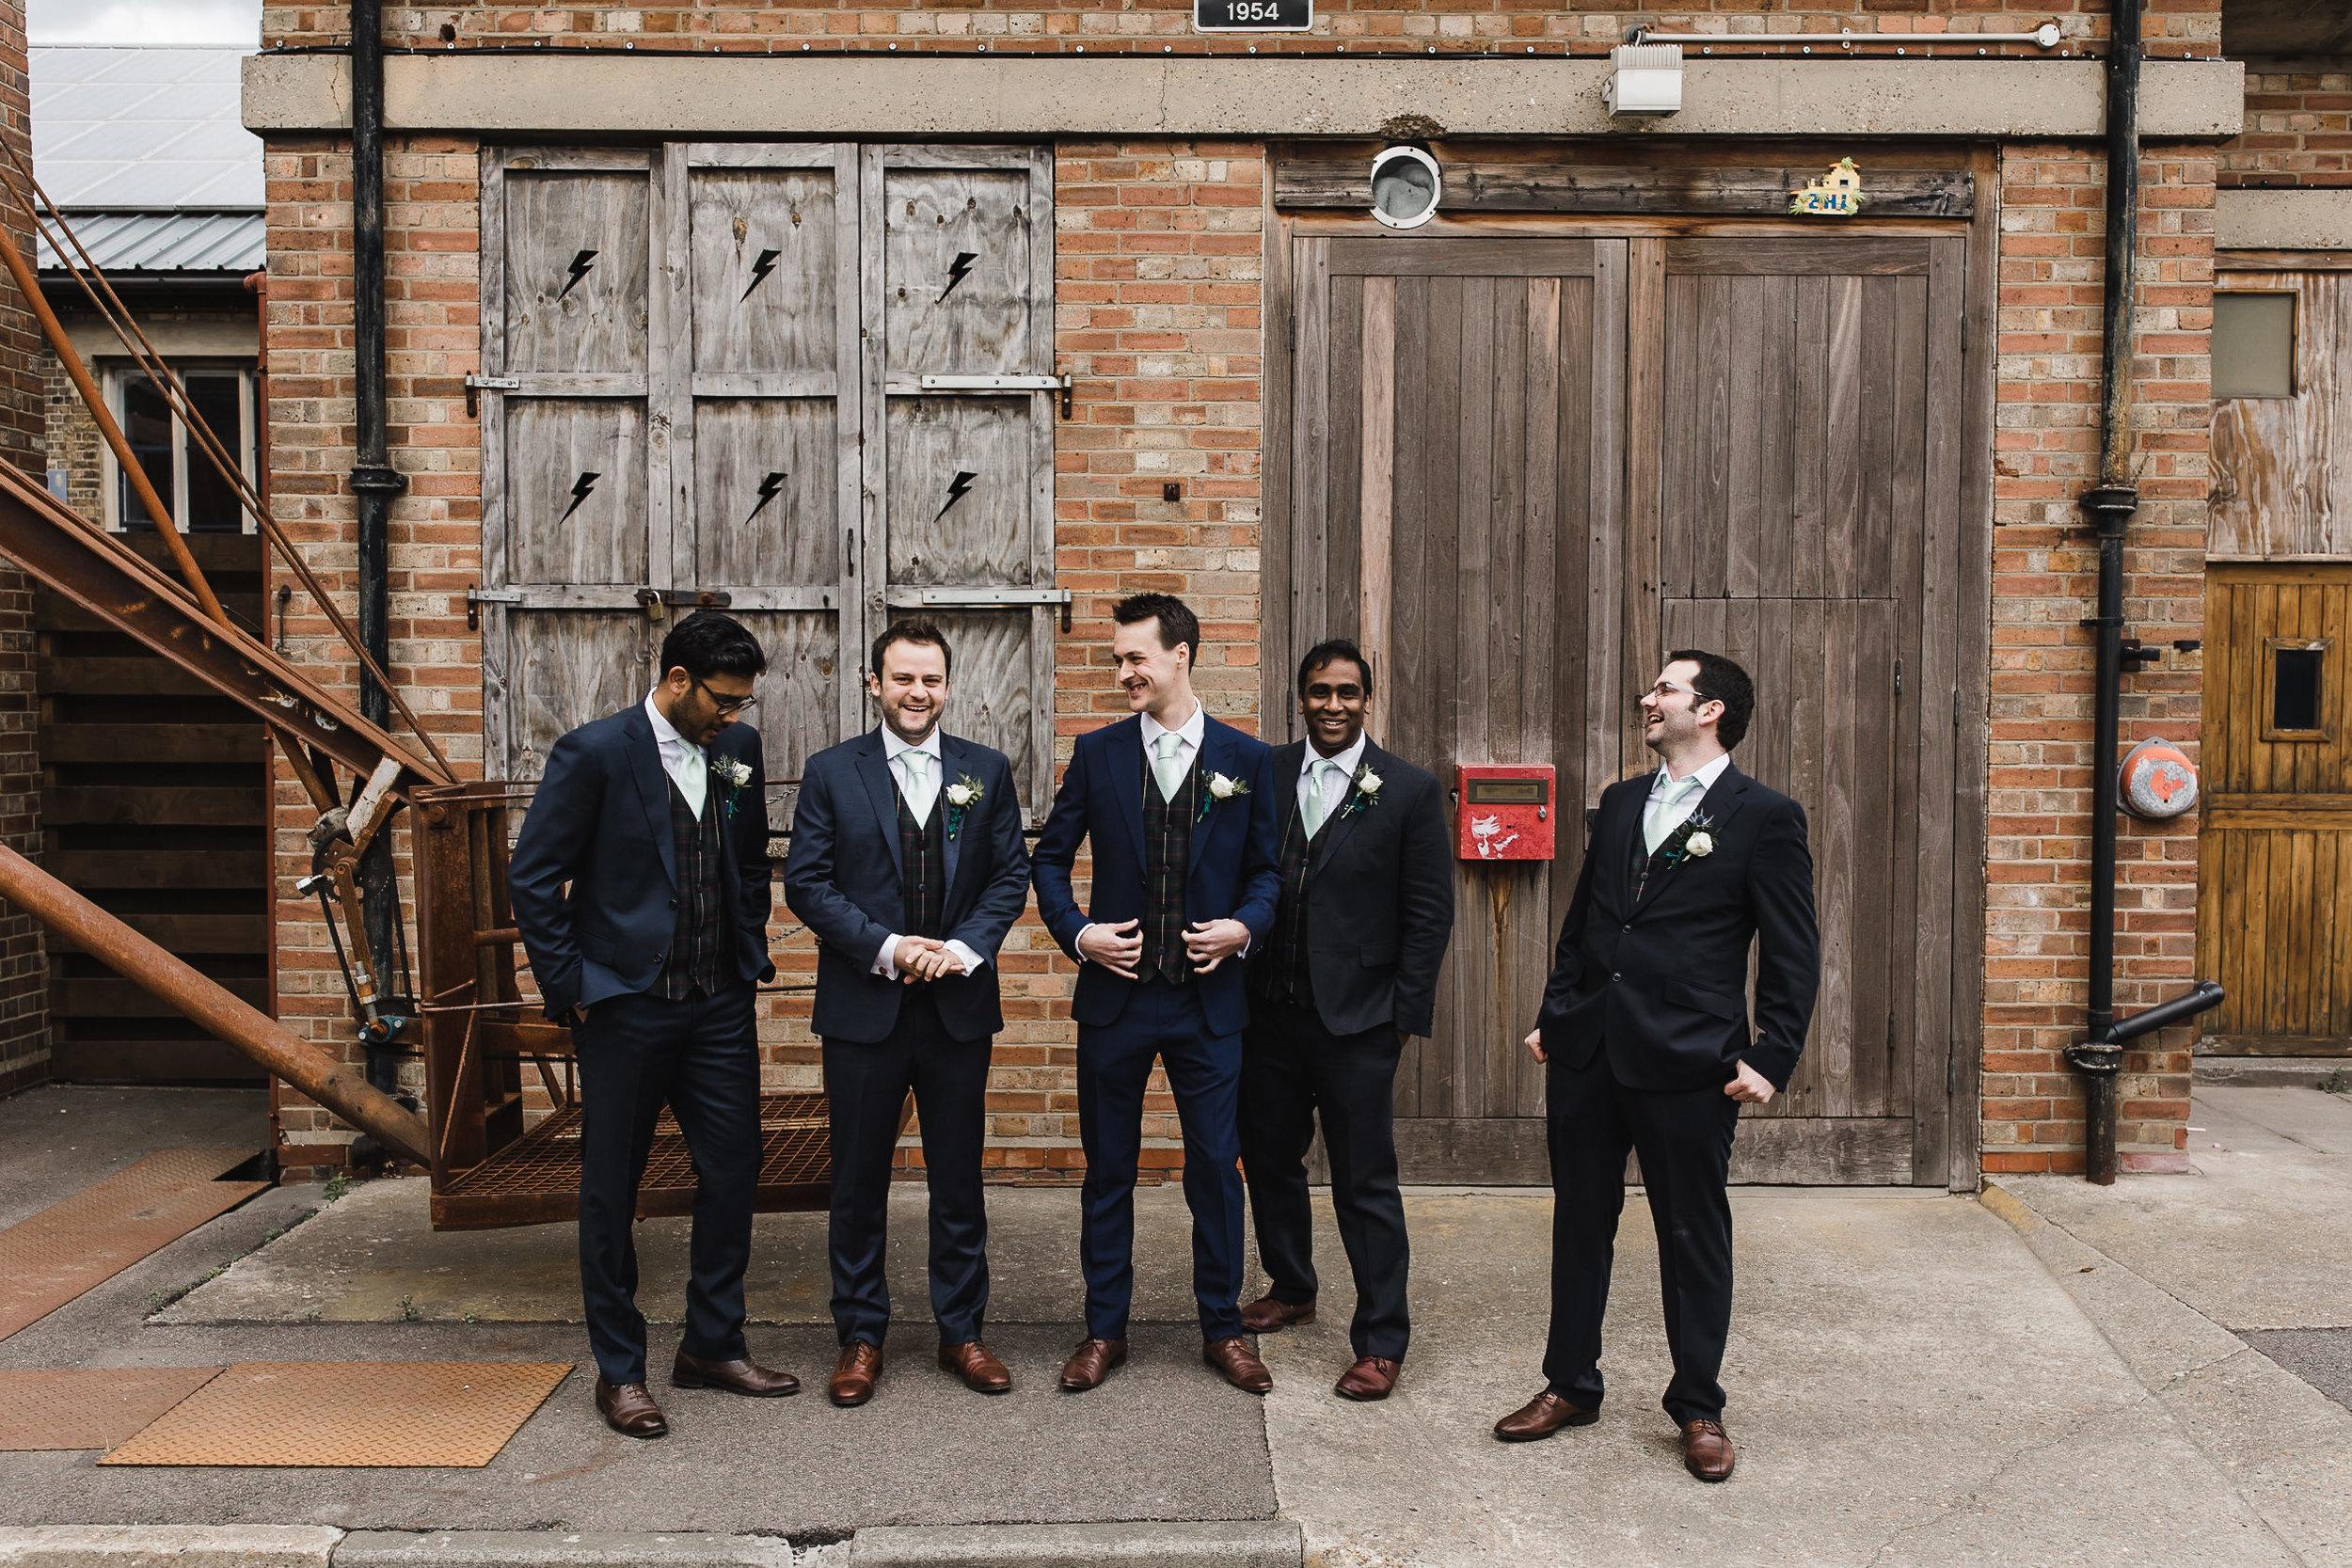 Trinity-Buoy-Wharf-Wedding-051.jpg